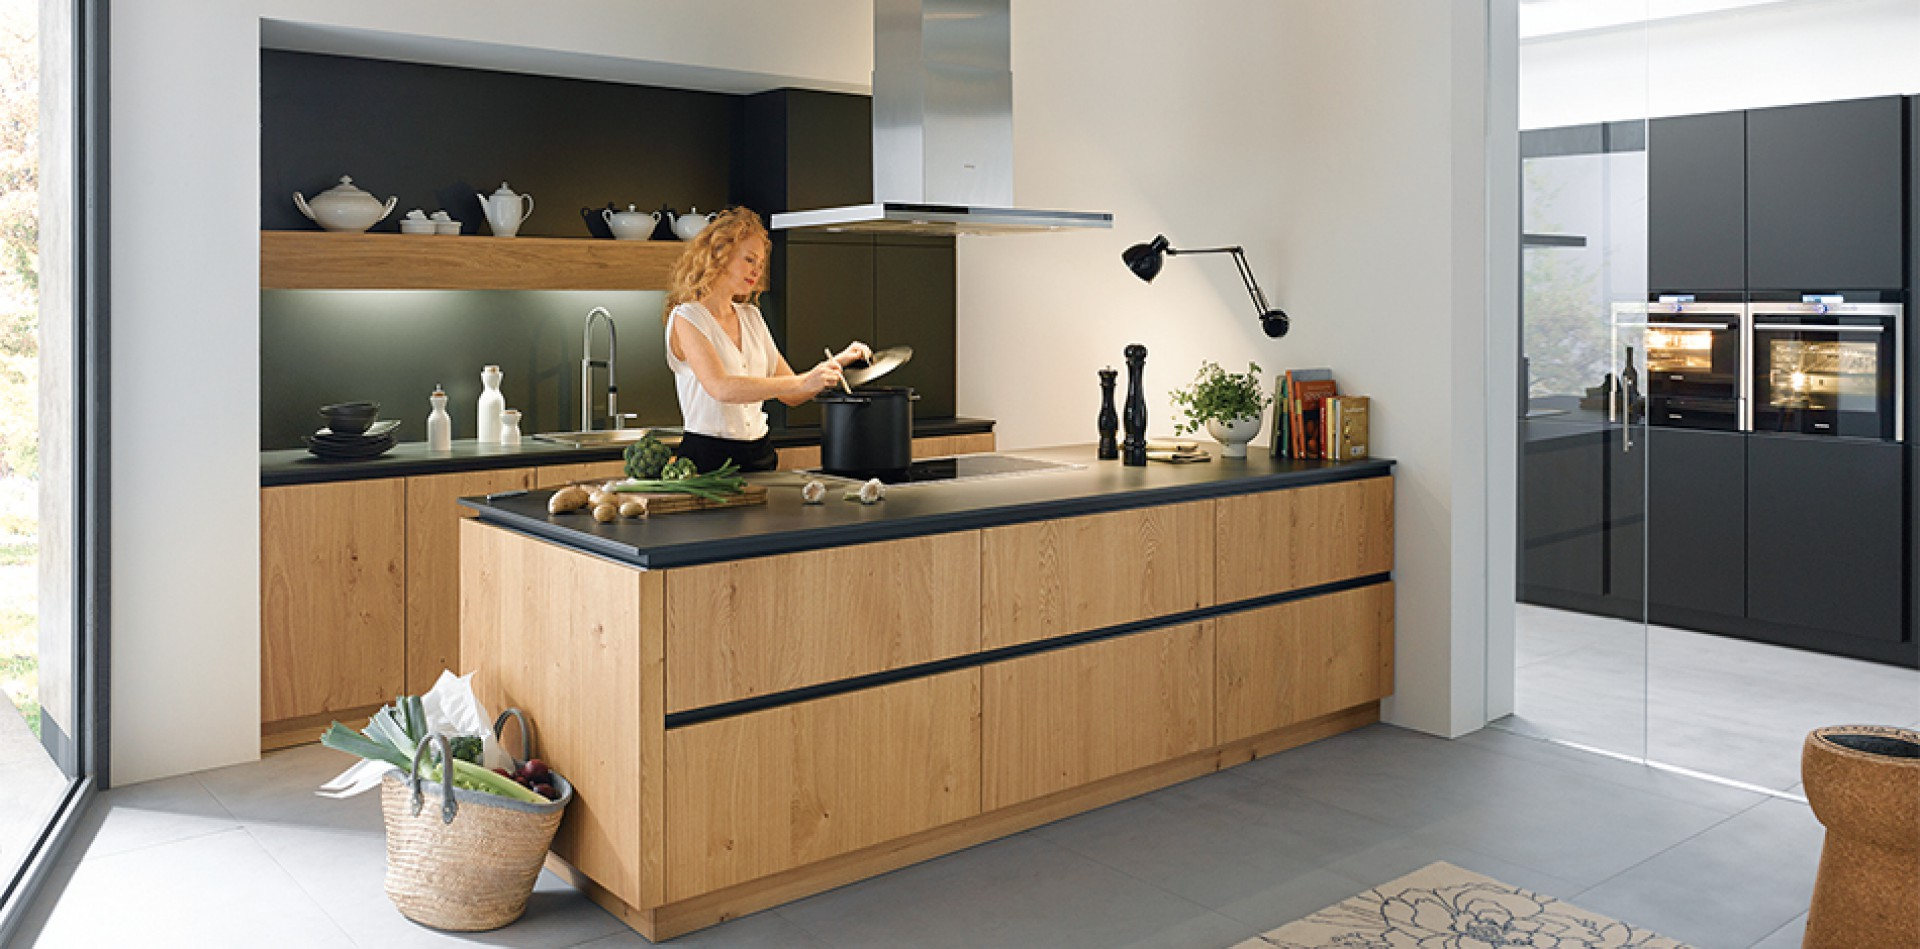 Wybieramy Meble Meble W Kuchni Zobacz Cieple Drewniane